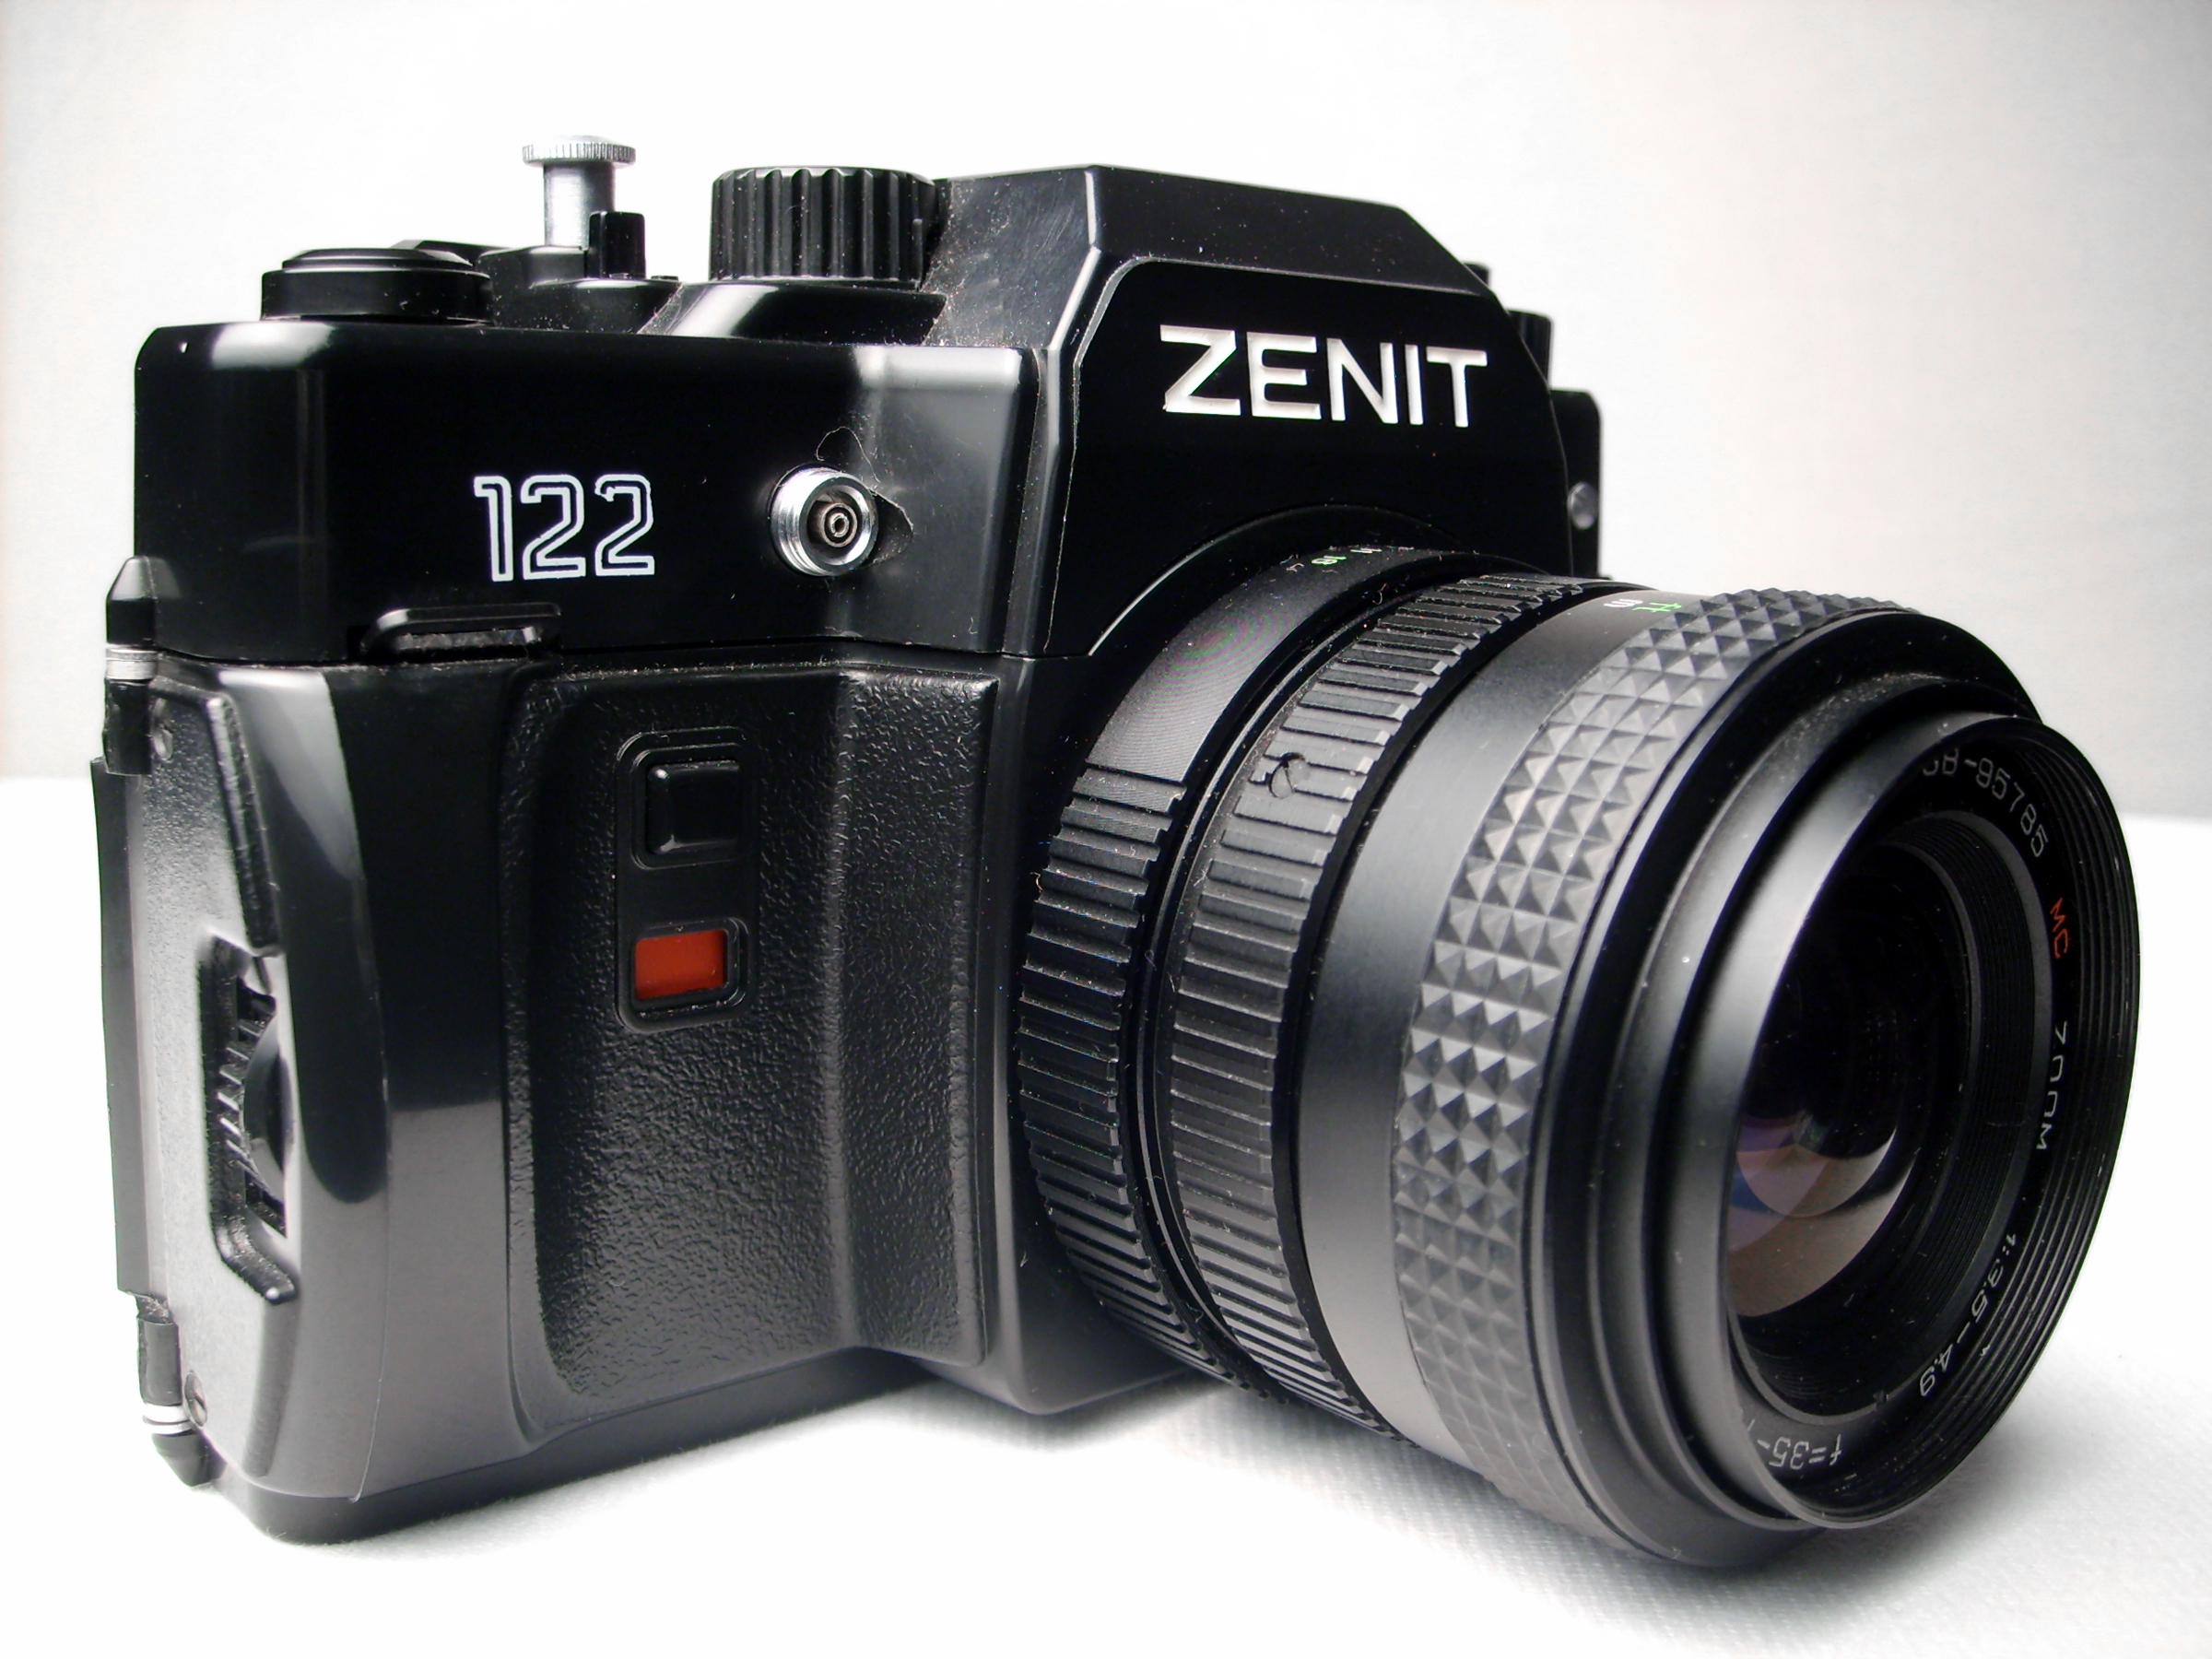 File:Zenit 122 ... Camera